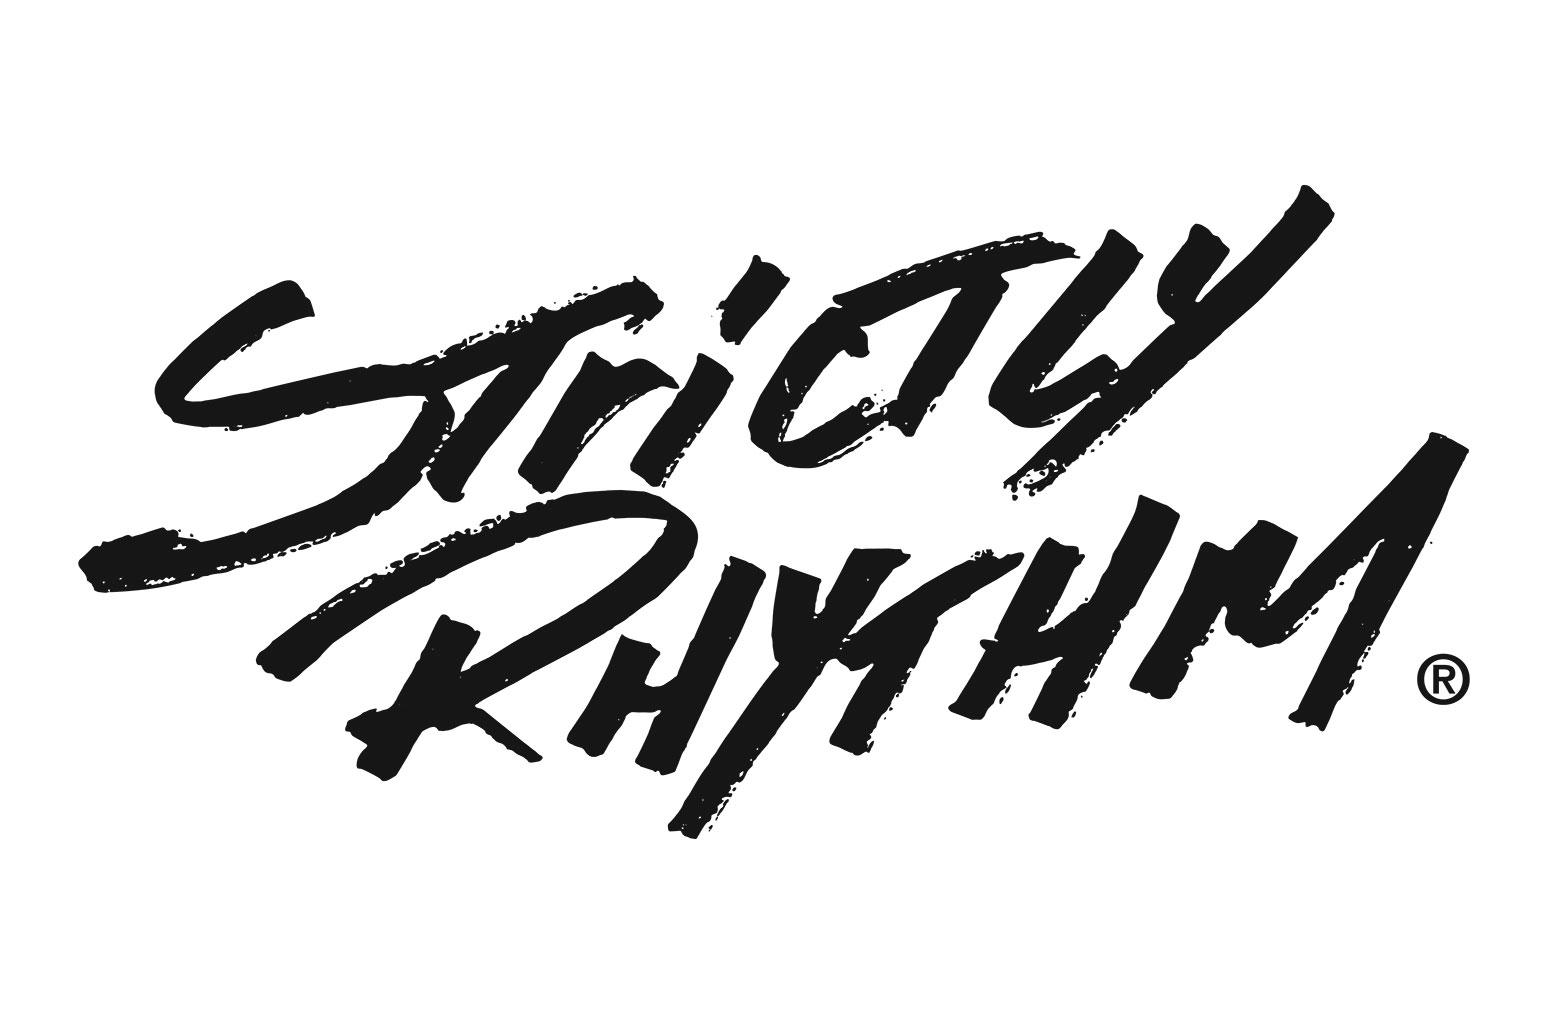 Strictly-Rhythm-logo-2020-billboard-1548-1583870321